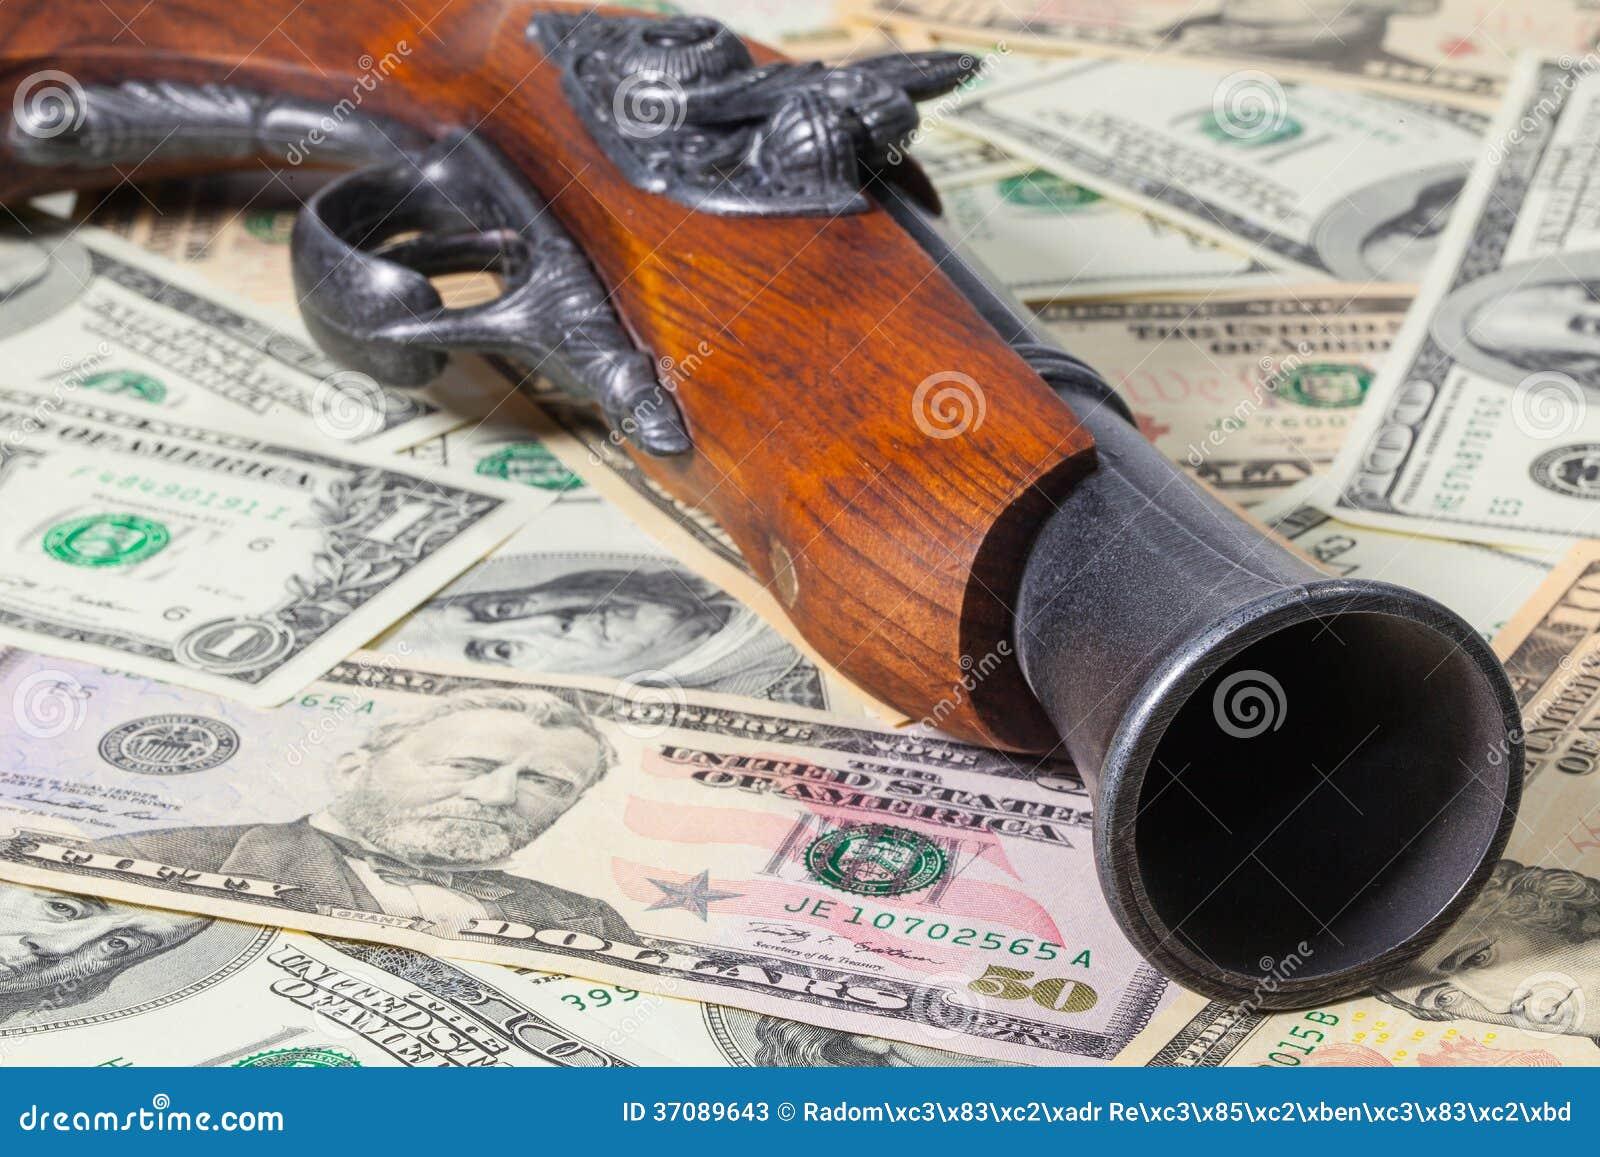 Download Stary pistolet i pieniądze obraz stock. Obraz złożonej z pistolet - 37089643